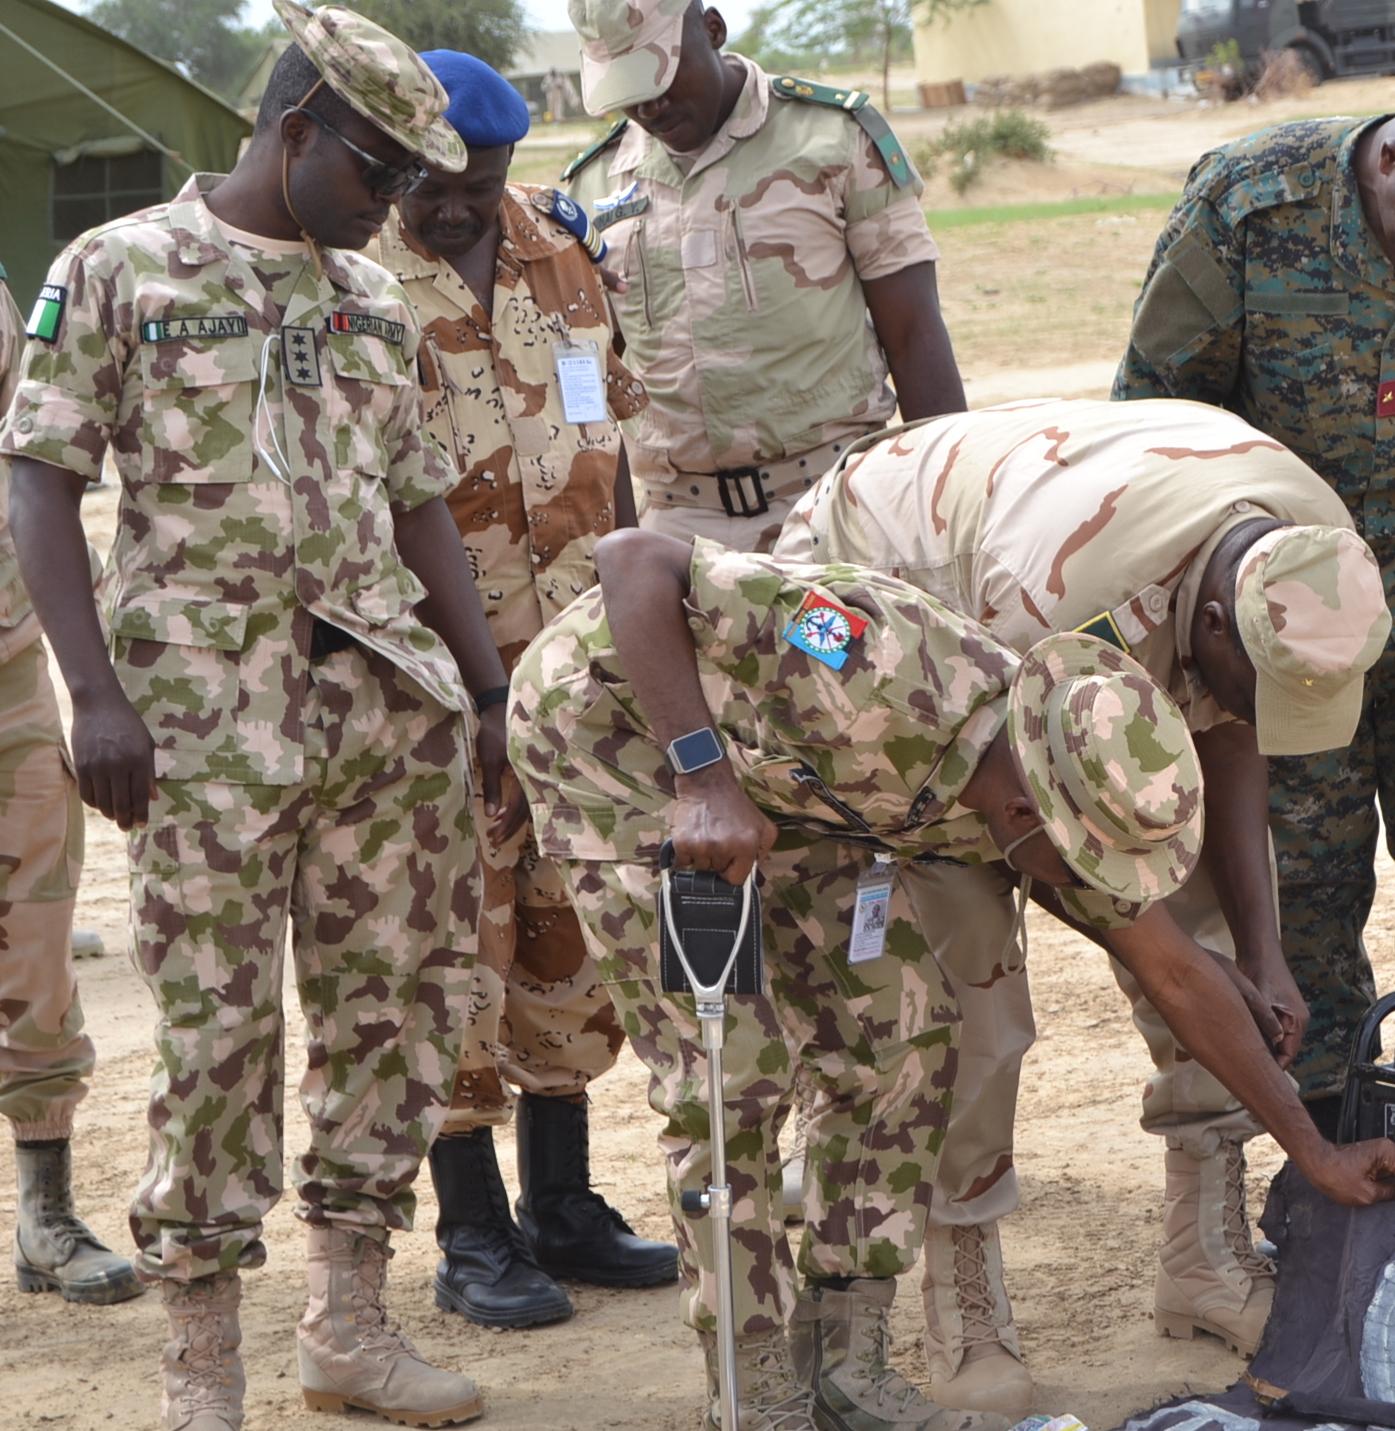 Des officiers de la Force mixte multinationale inspectent du matériel saisi sur des terroristes au Lac Tchad. Image d'illustration © Alwihda Info